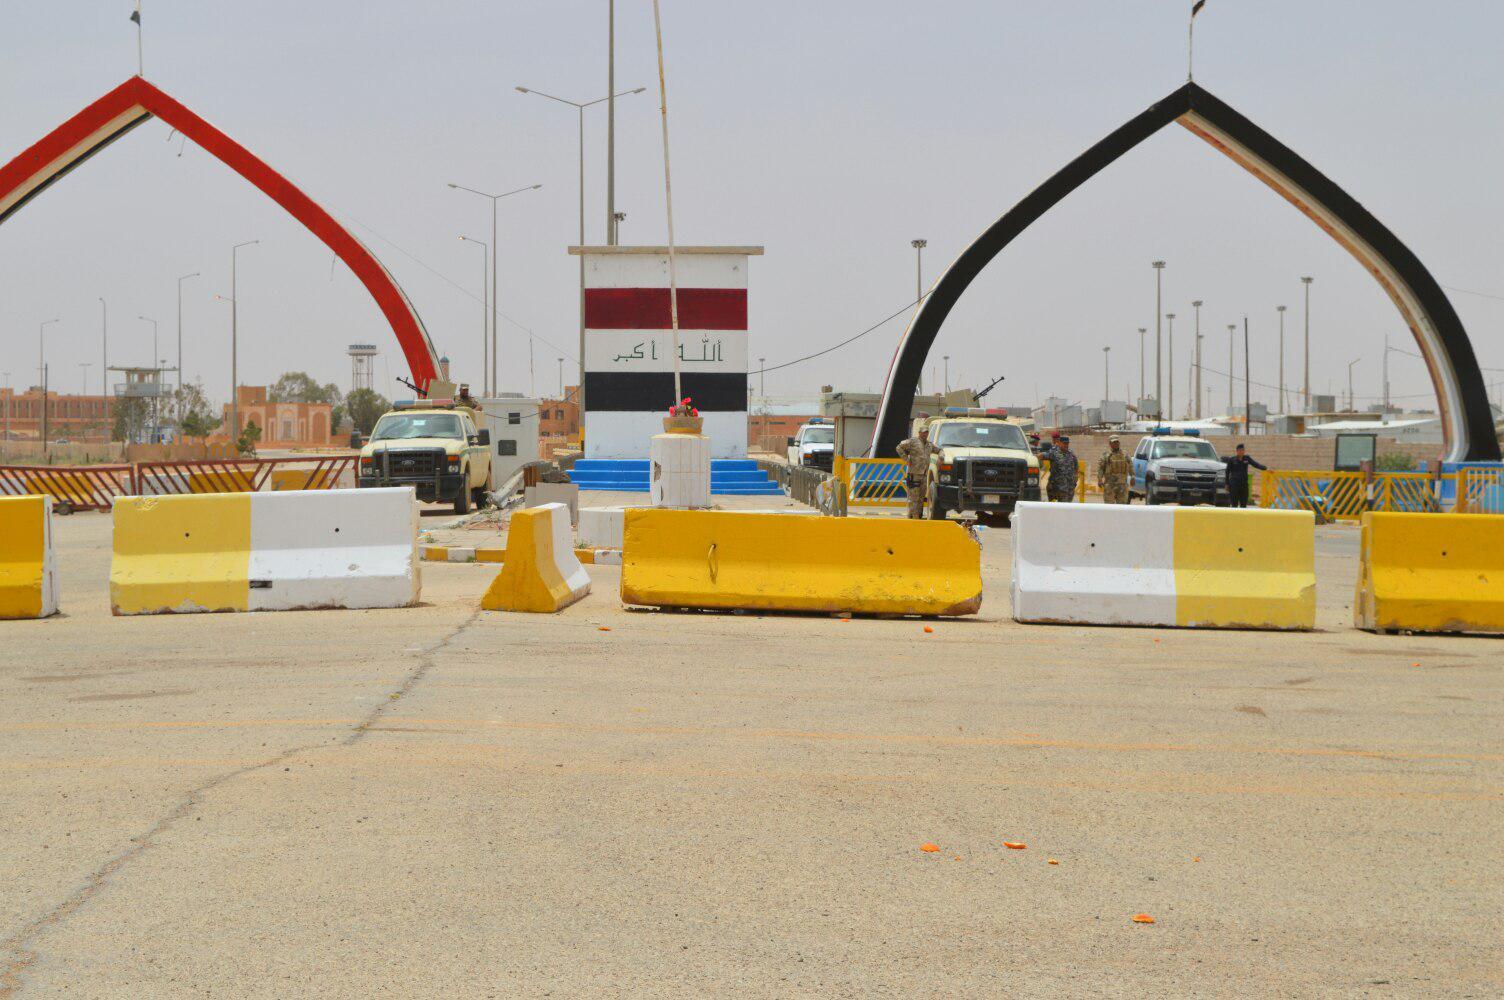 مجلس الانبار يناشد العبادي بإعادة فتح منفذ طريبيل الحدودي مع الأردن